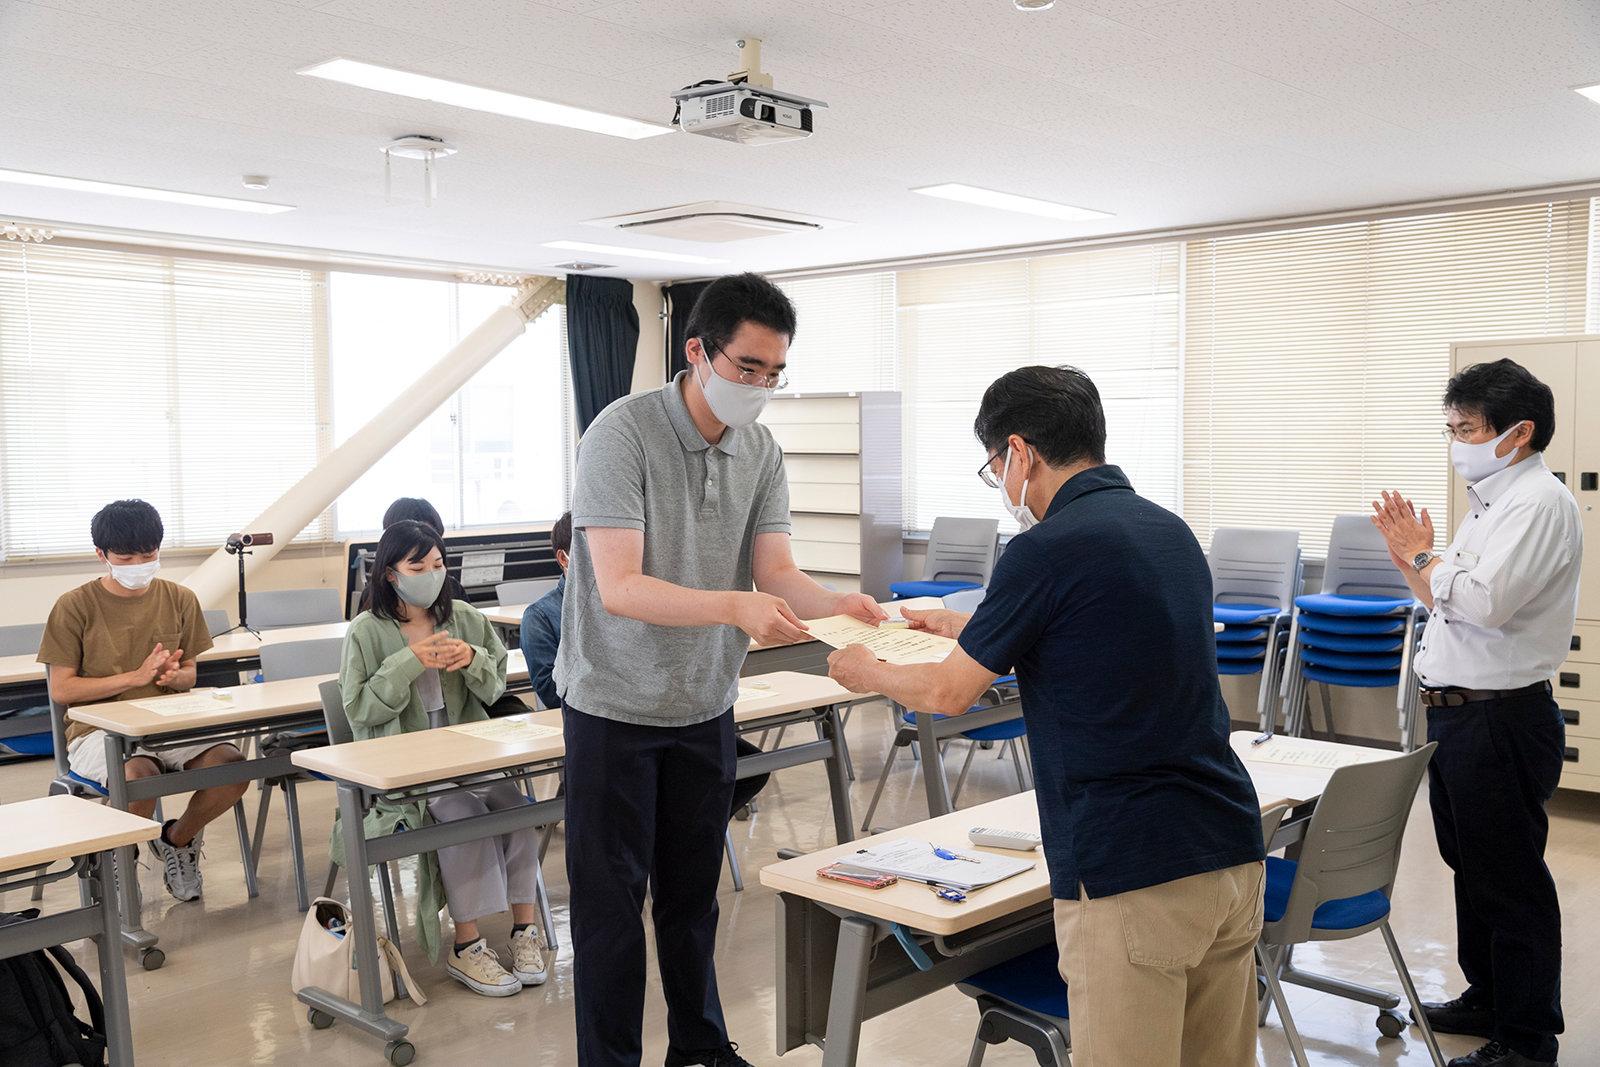 検定3級の資格を取得した学生に、日吉先生から合格証書と記念品が手渡されました。